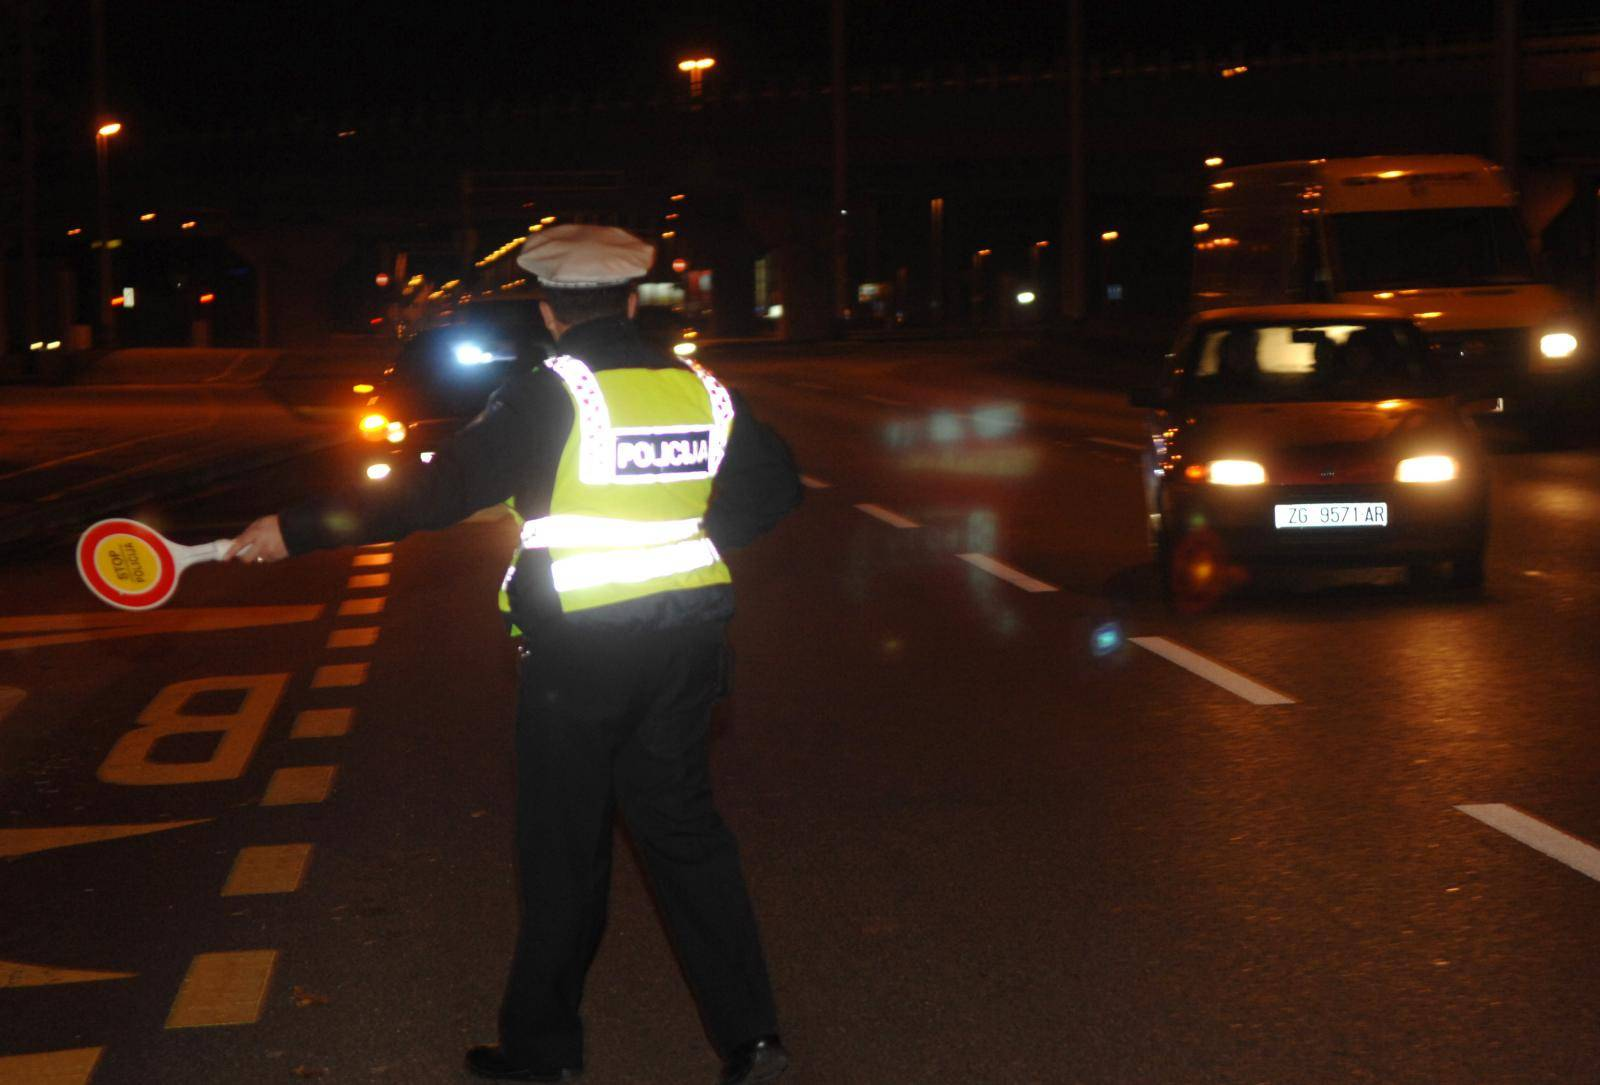 Pijana djevojka bez vozačkog ispita naletjela na stup pa je kažnjena s preko 20.000 kuna